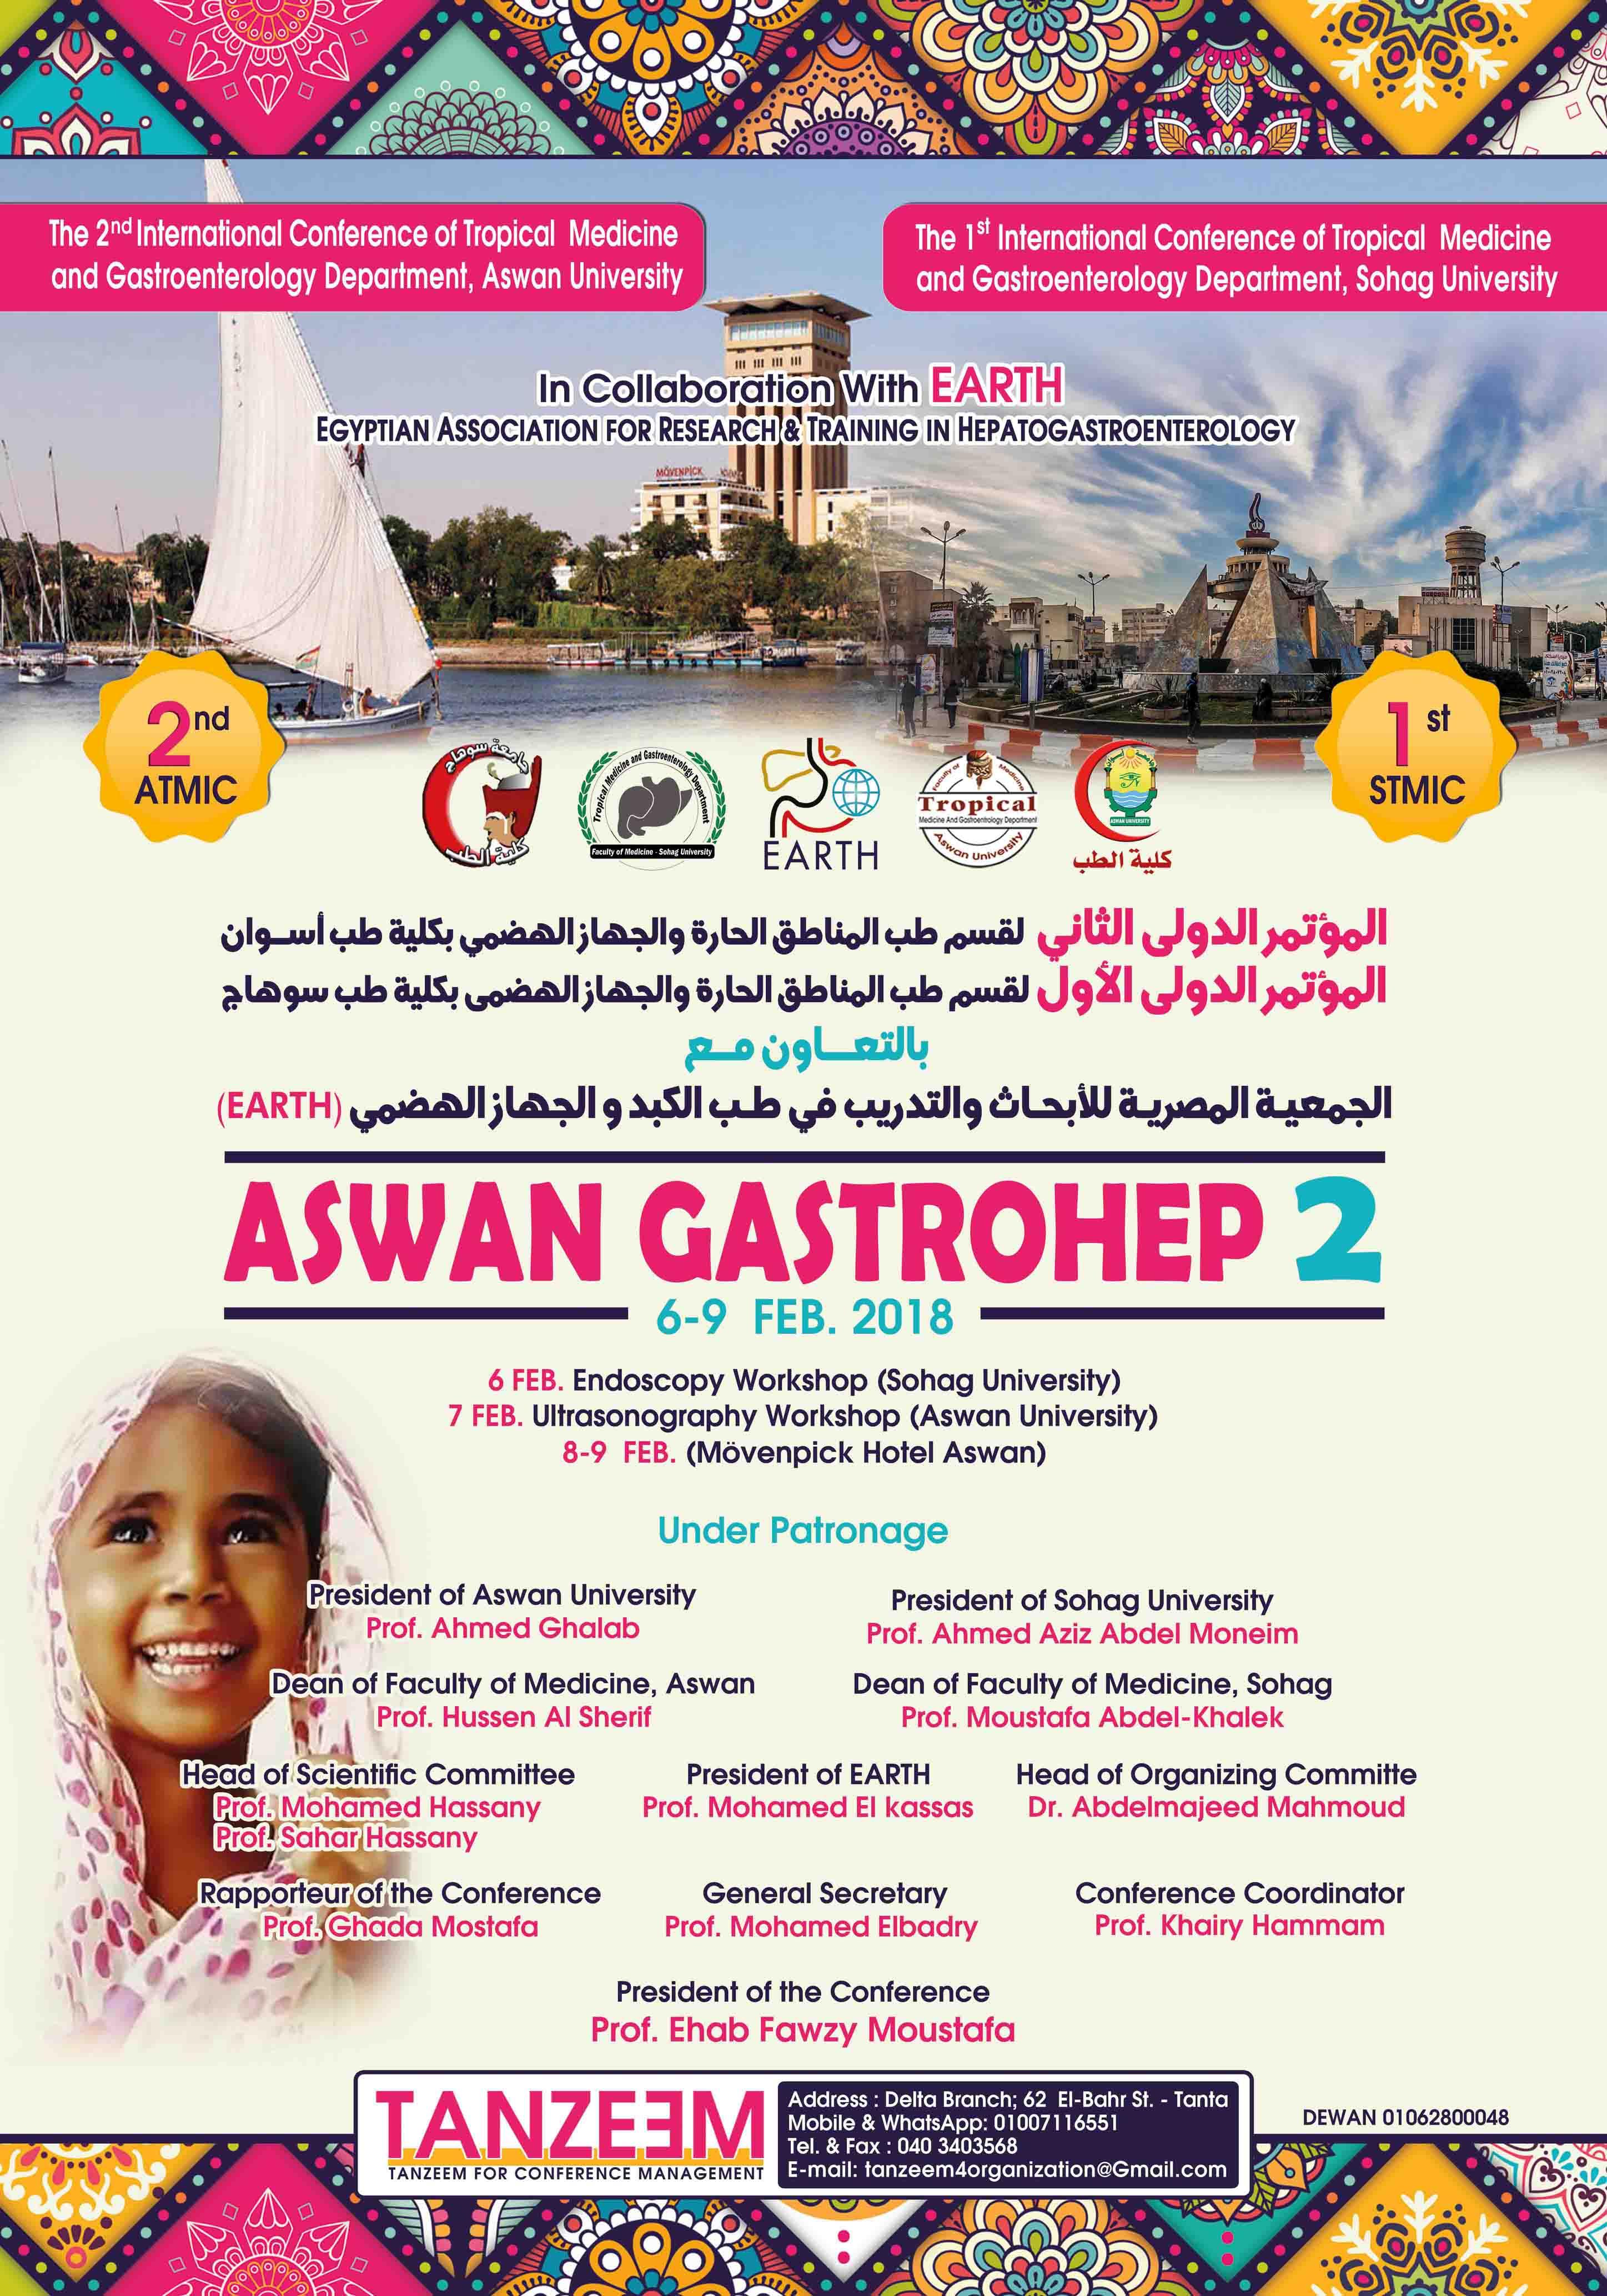 Aswan Gastrohep 2